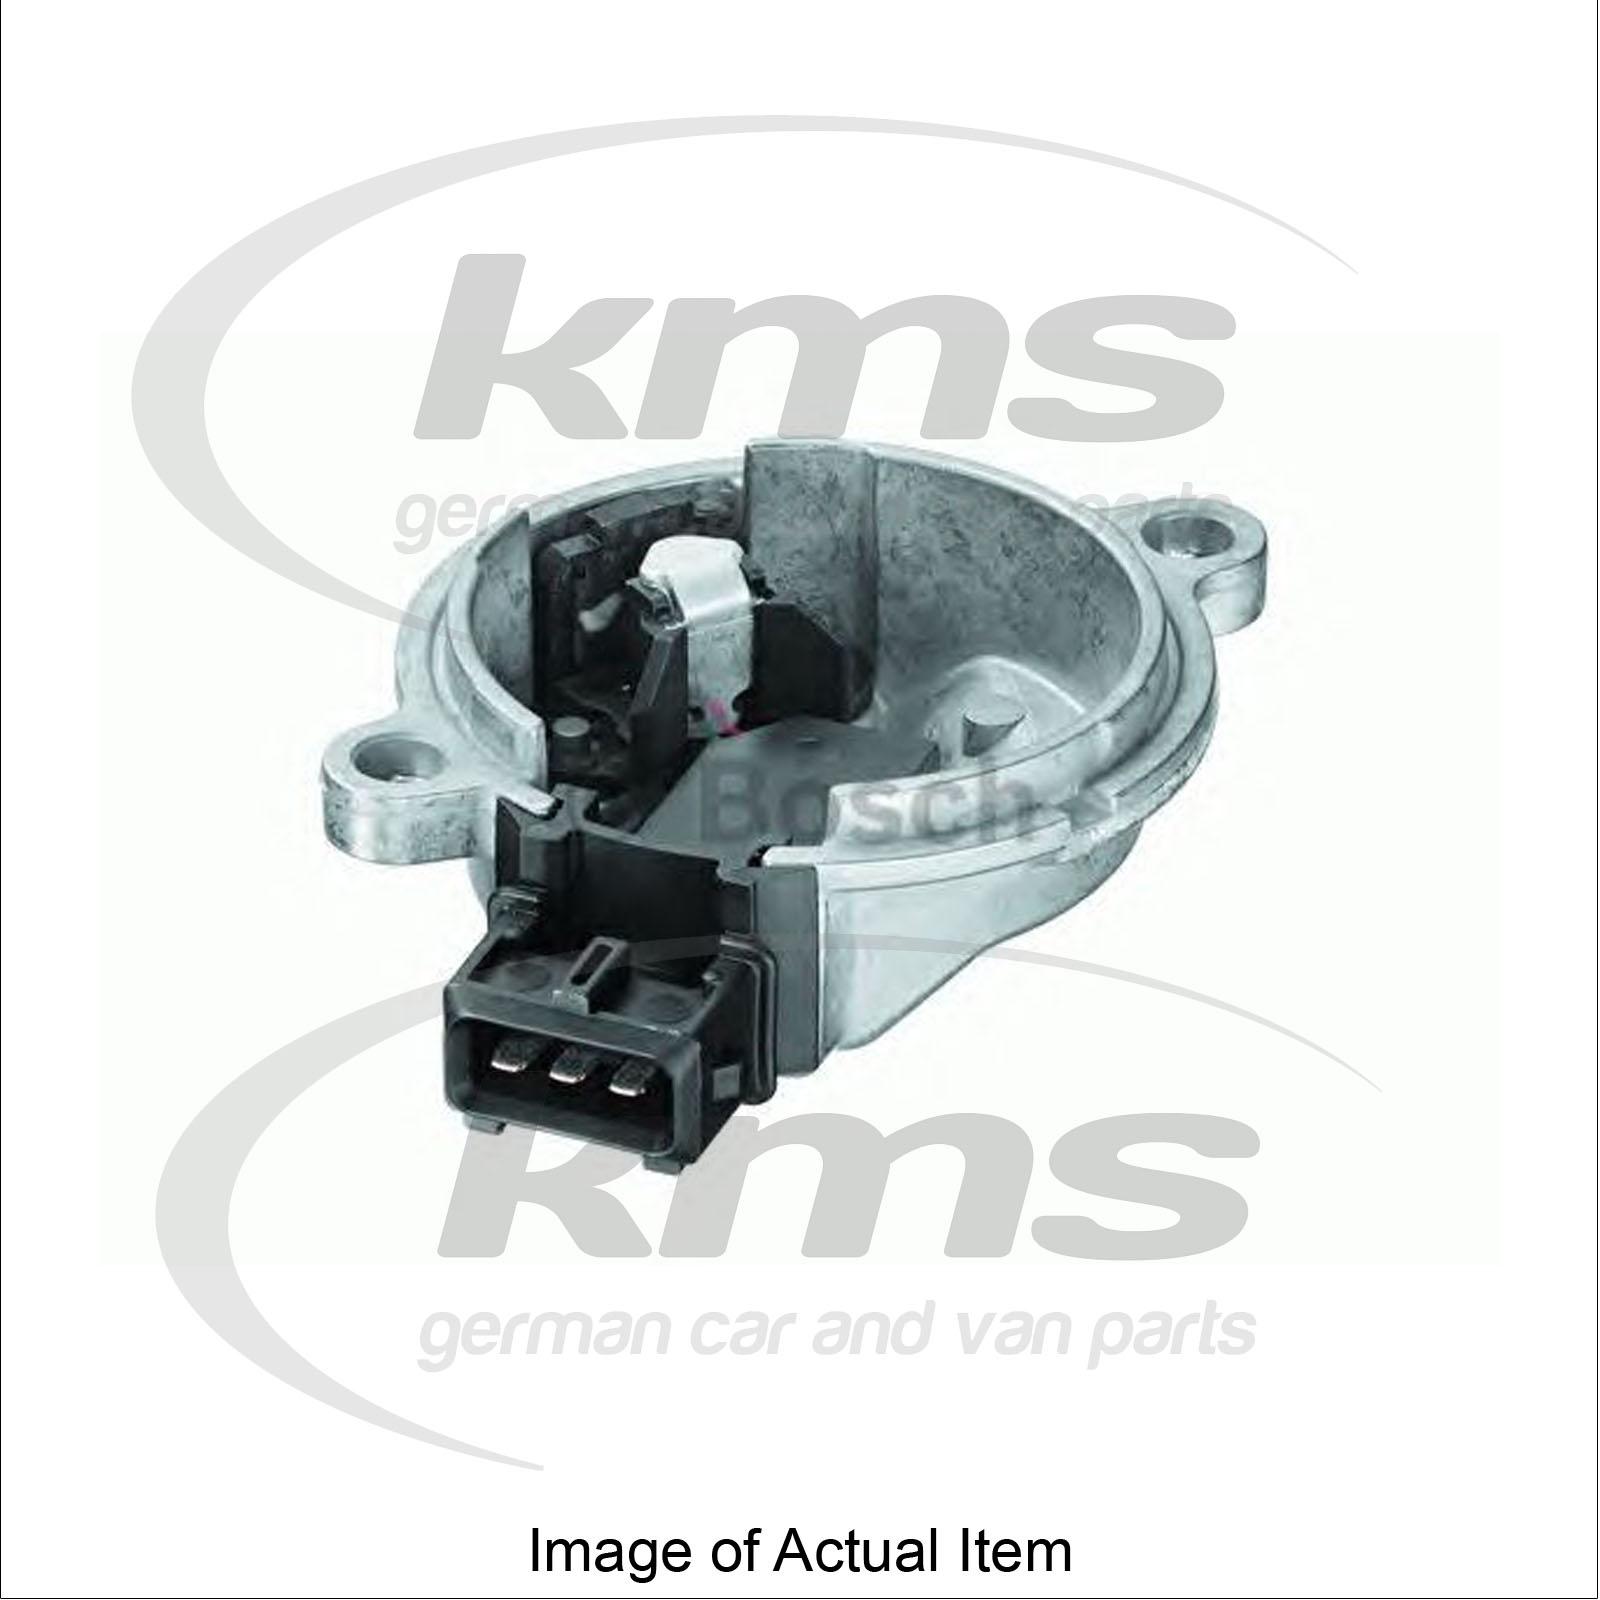 2013 Audi A8 Camshaft: Sensor For Camshaft Position AUDI A8 (4D2, 4D8) 2.8